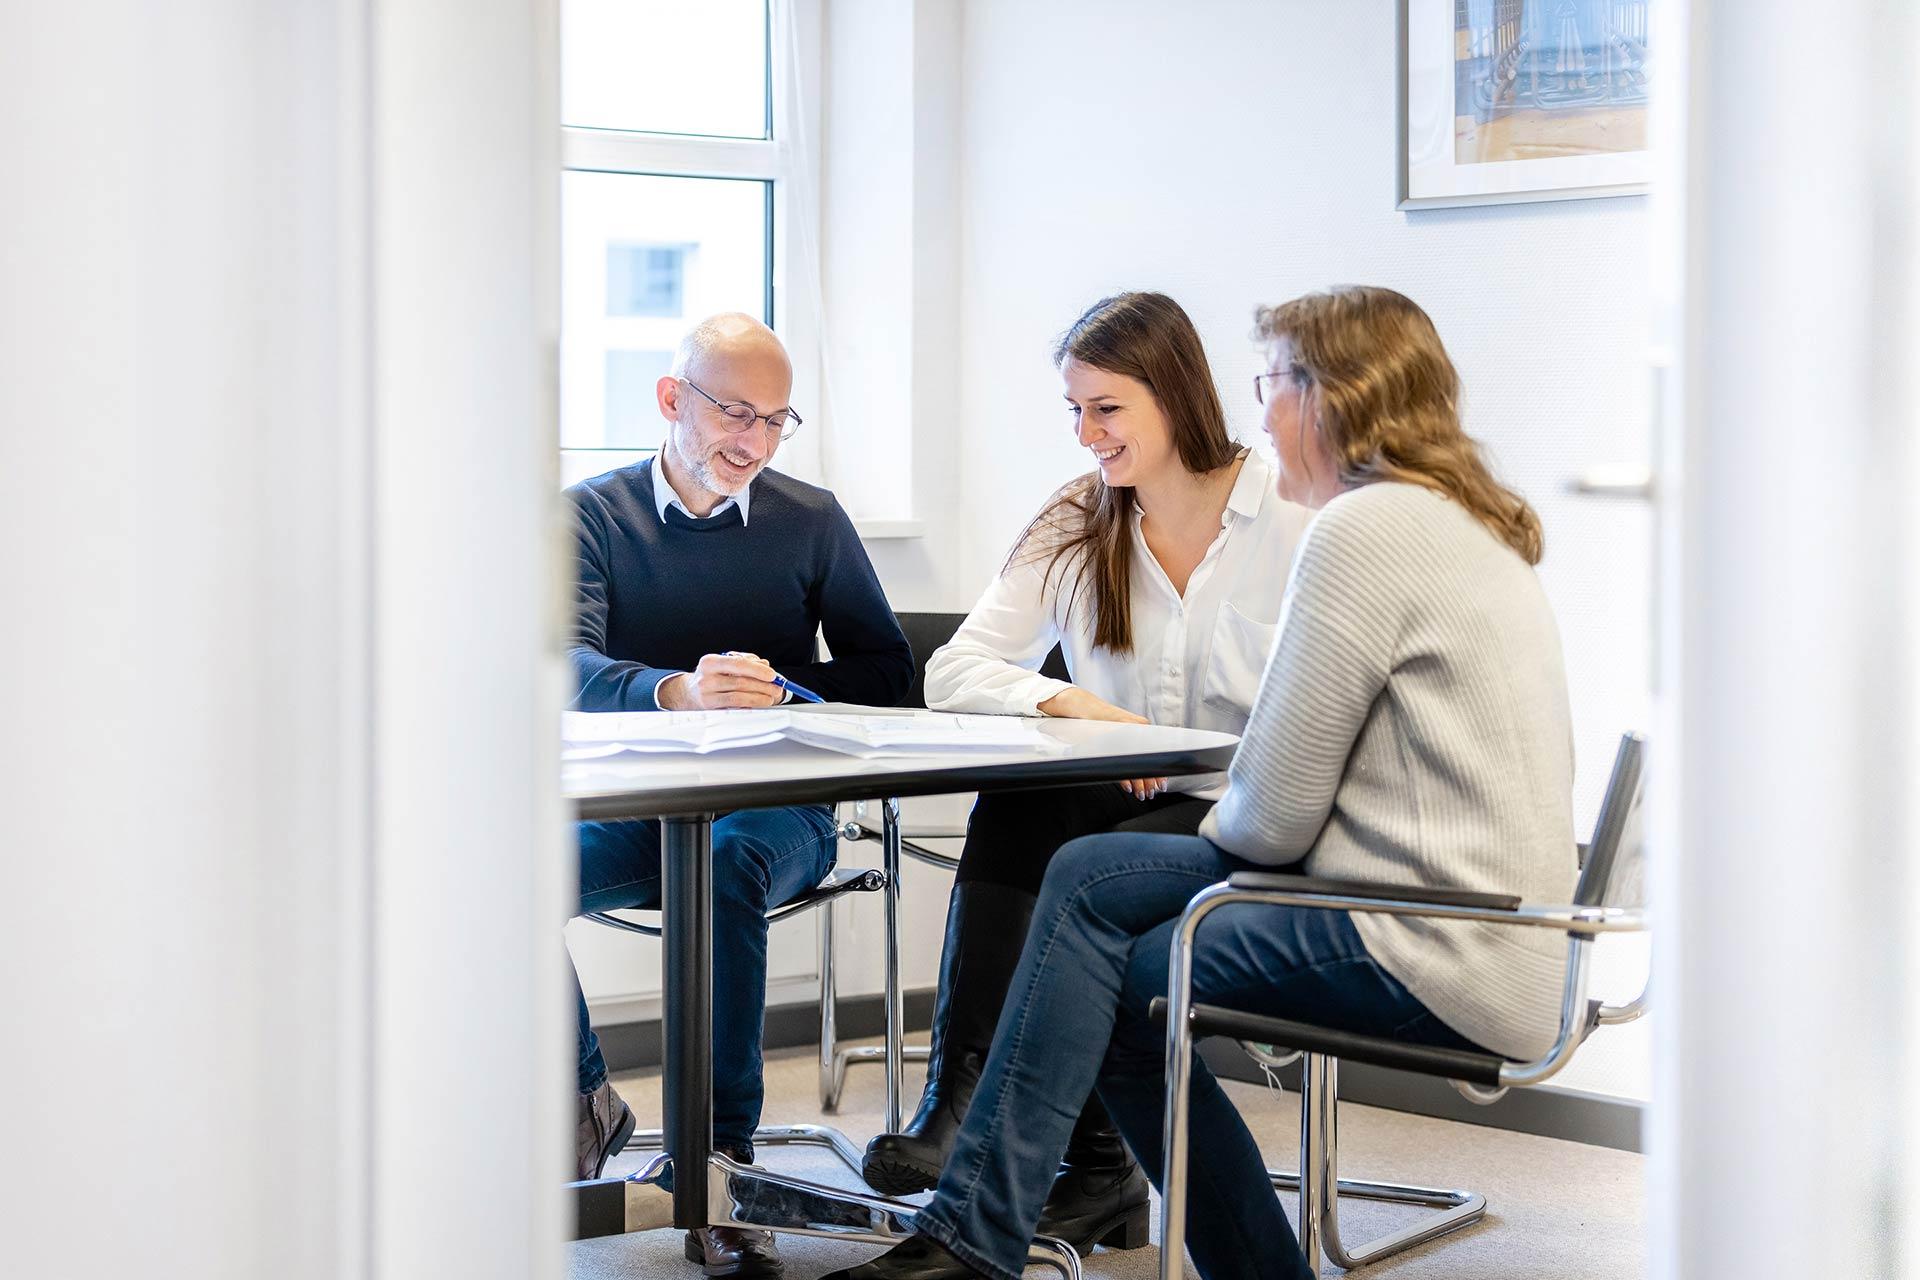 businessfotografie-berlin-meeting-ingenieurbuero